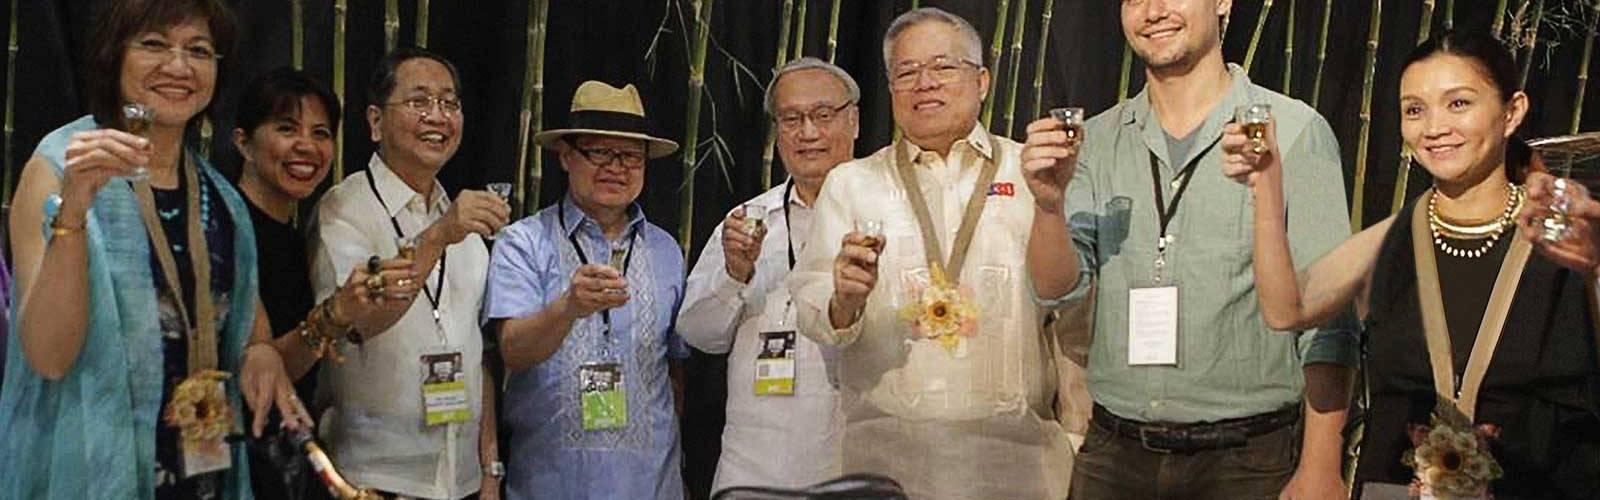 Manila Fame 2018